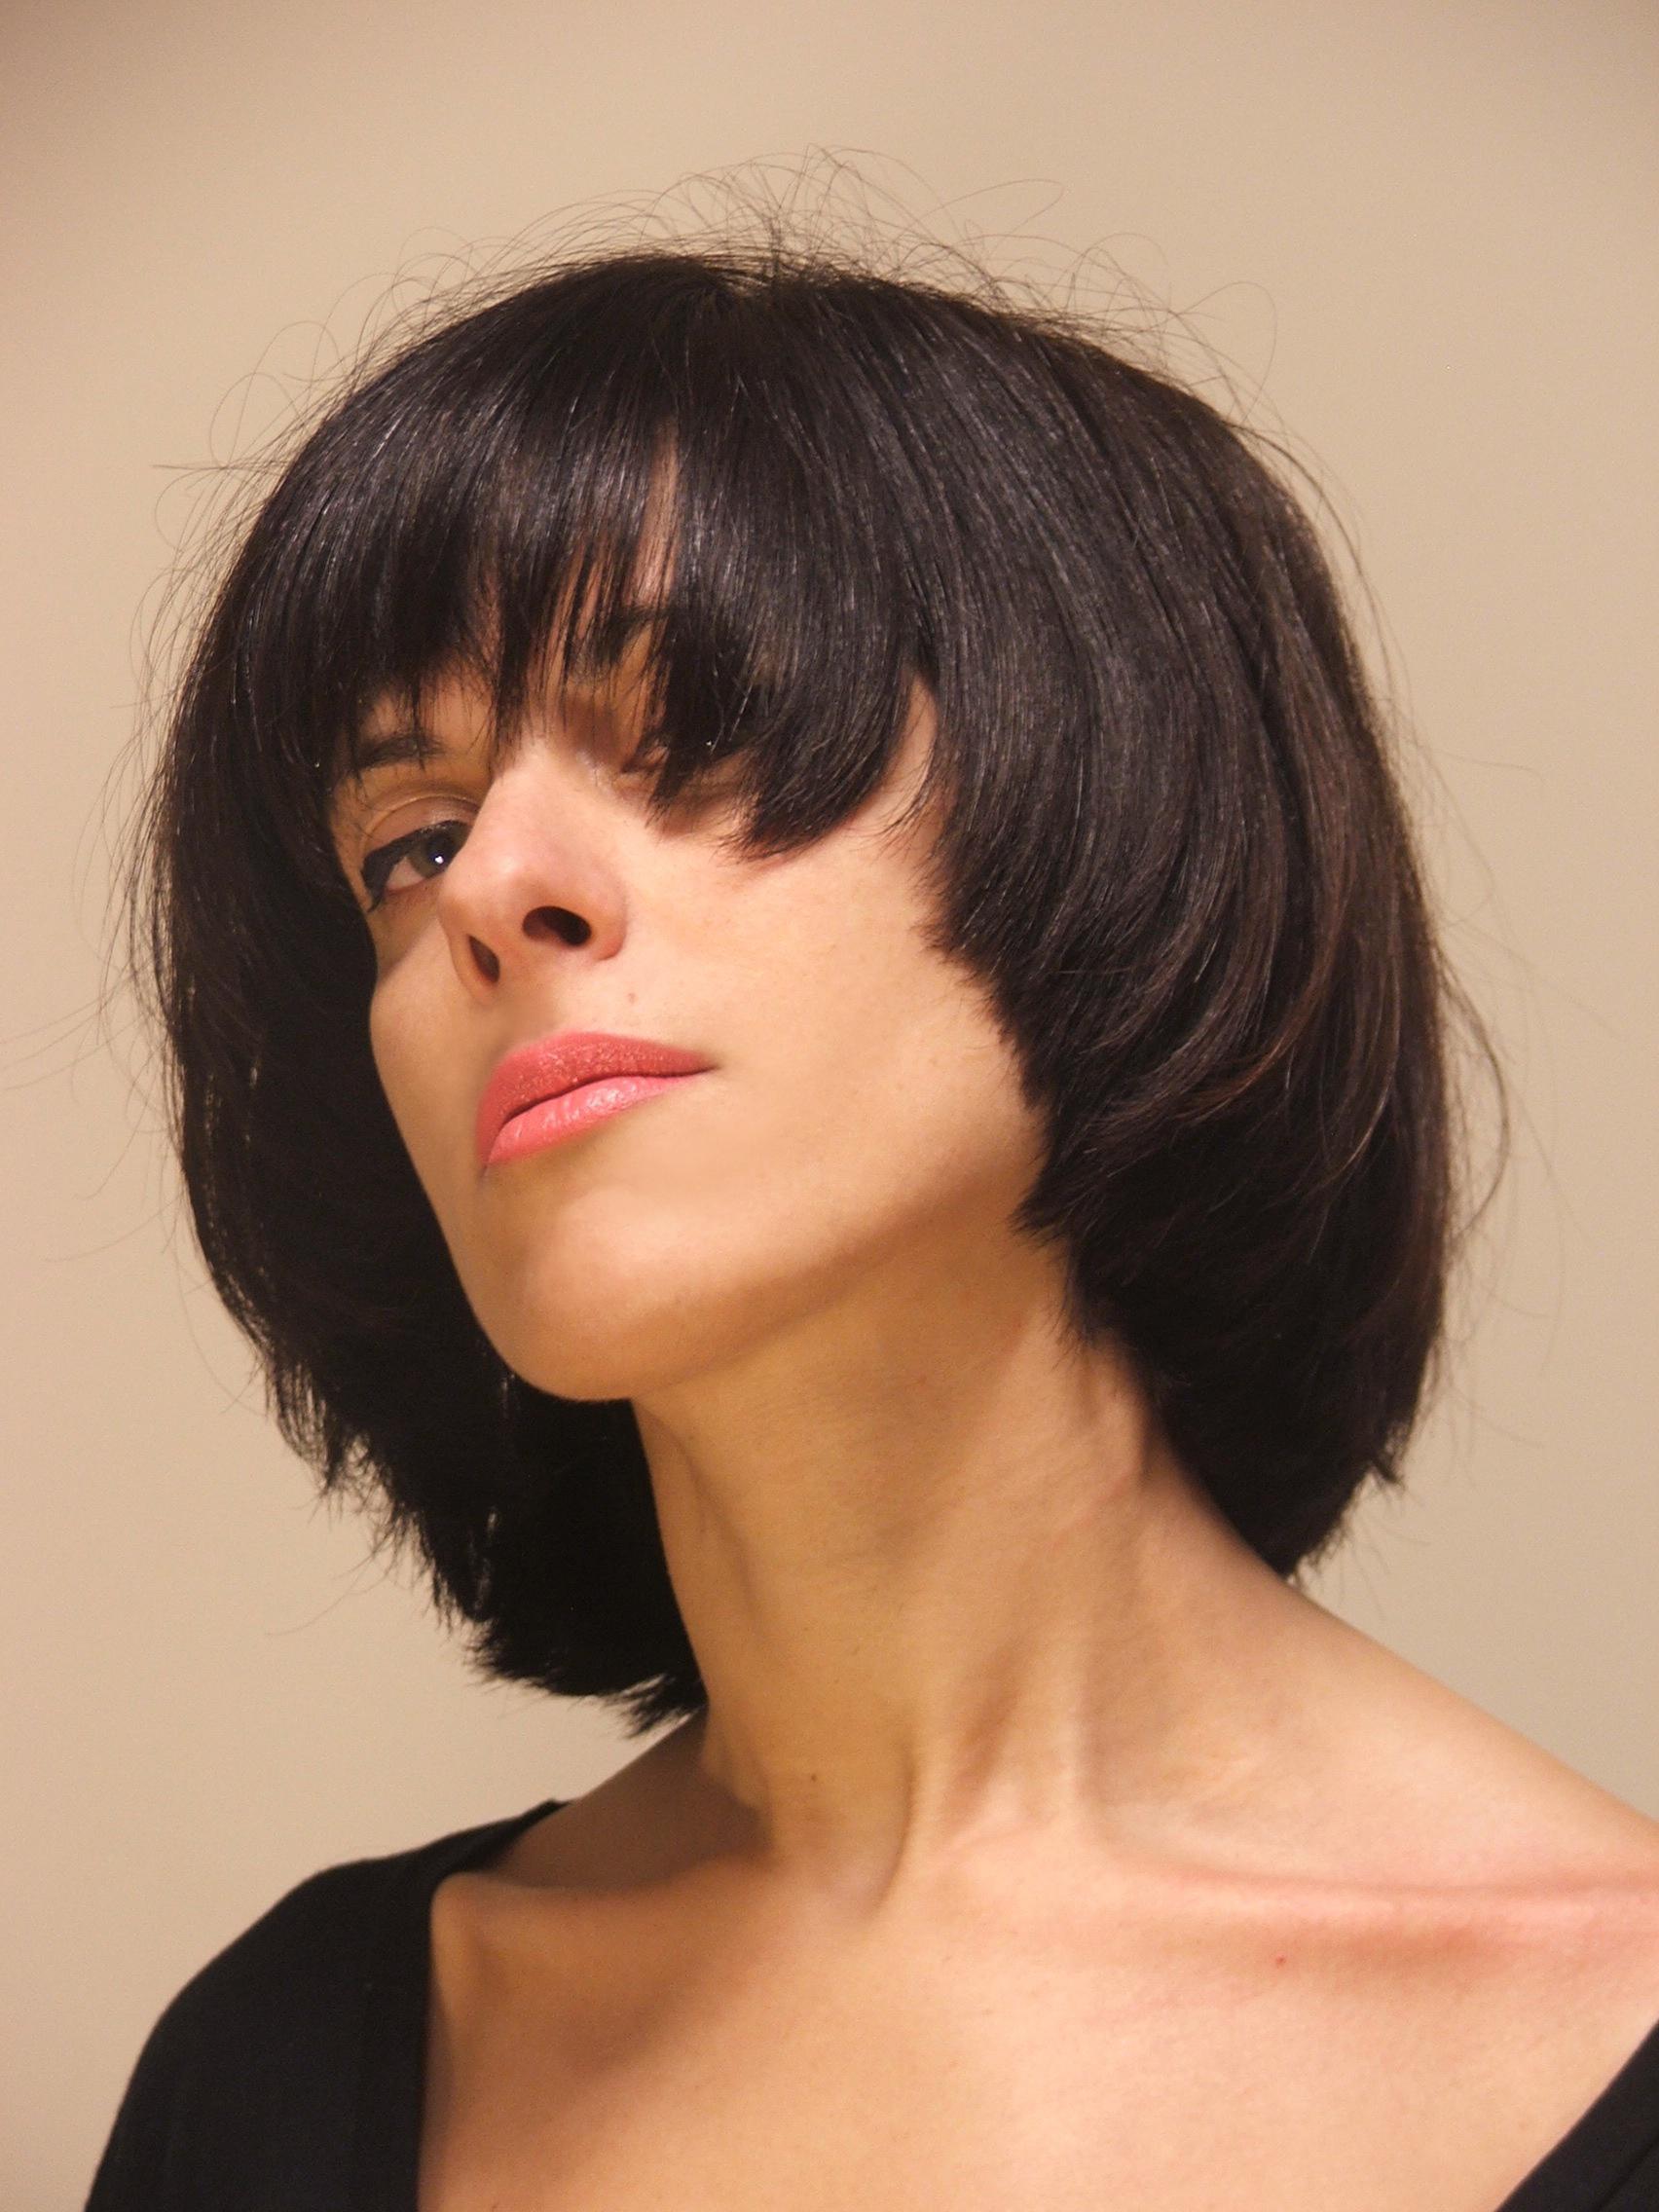 image17-71 | Модные женские стрижки на короткие волосы: основные правила и варианты исполнения